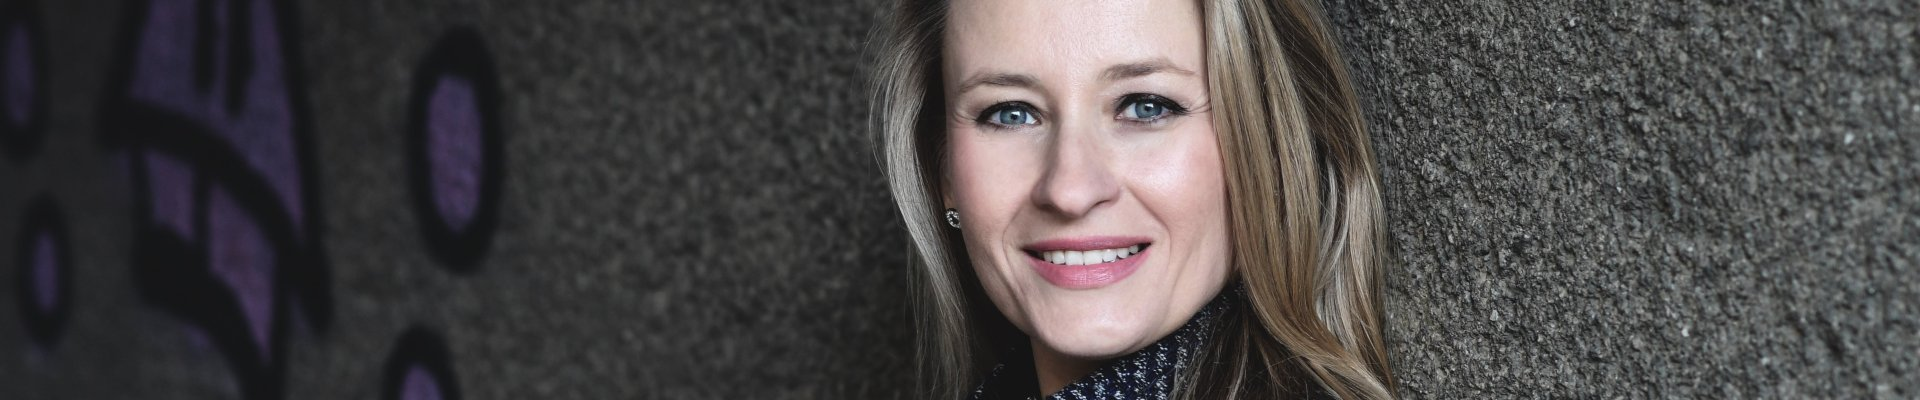 Mia Bezjak - poslovna žena za 21 stoljeće